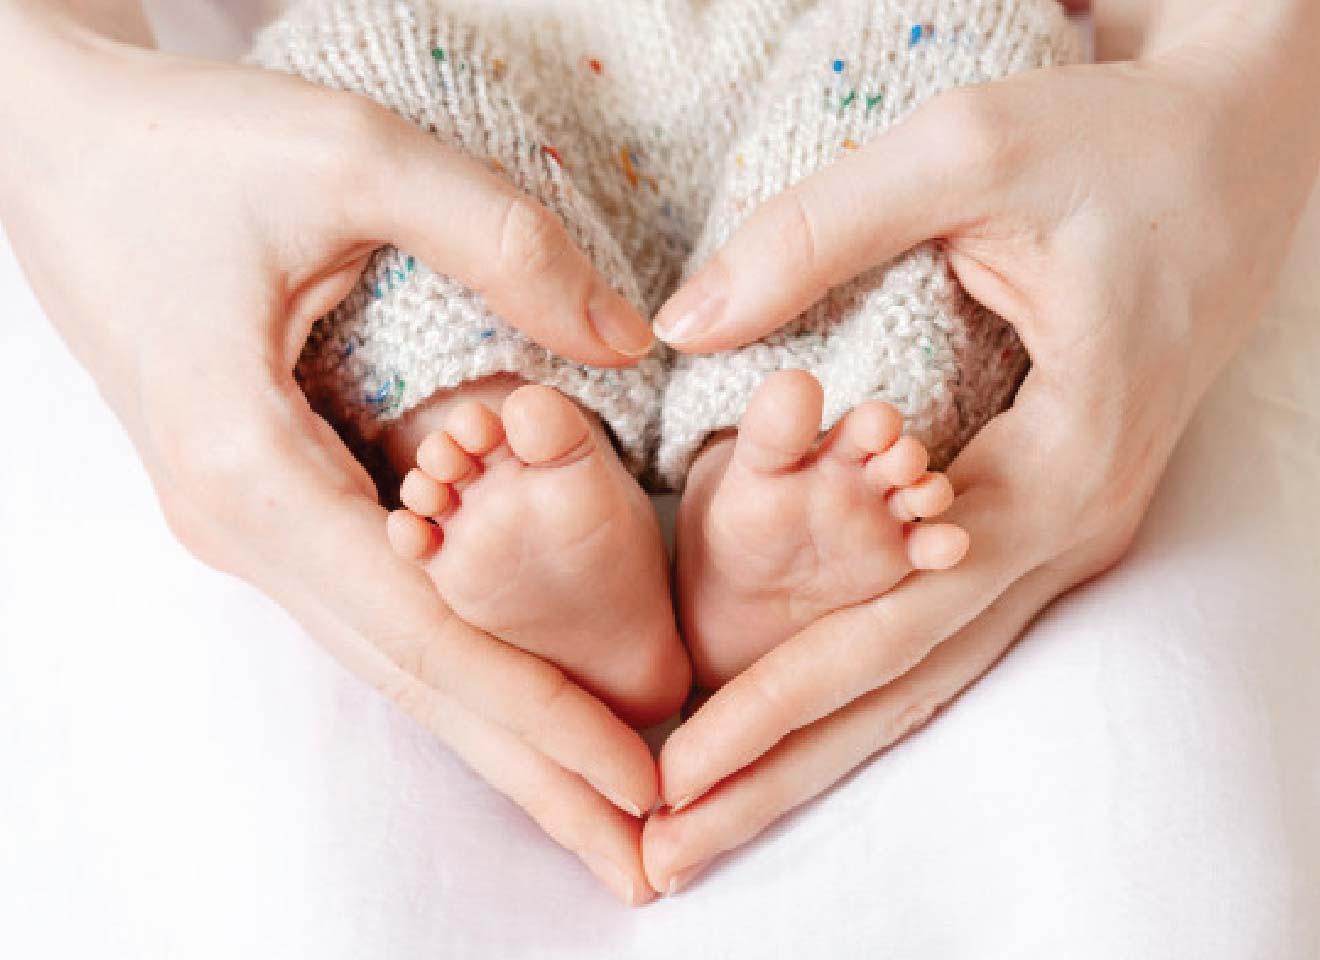 Tuần thai thứ 40 và những vấn đề mẹ bầu cần lưu ý